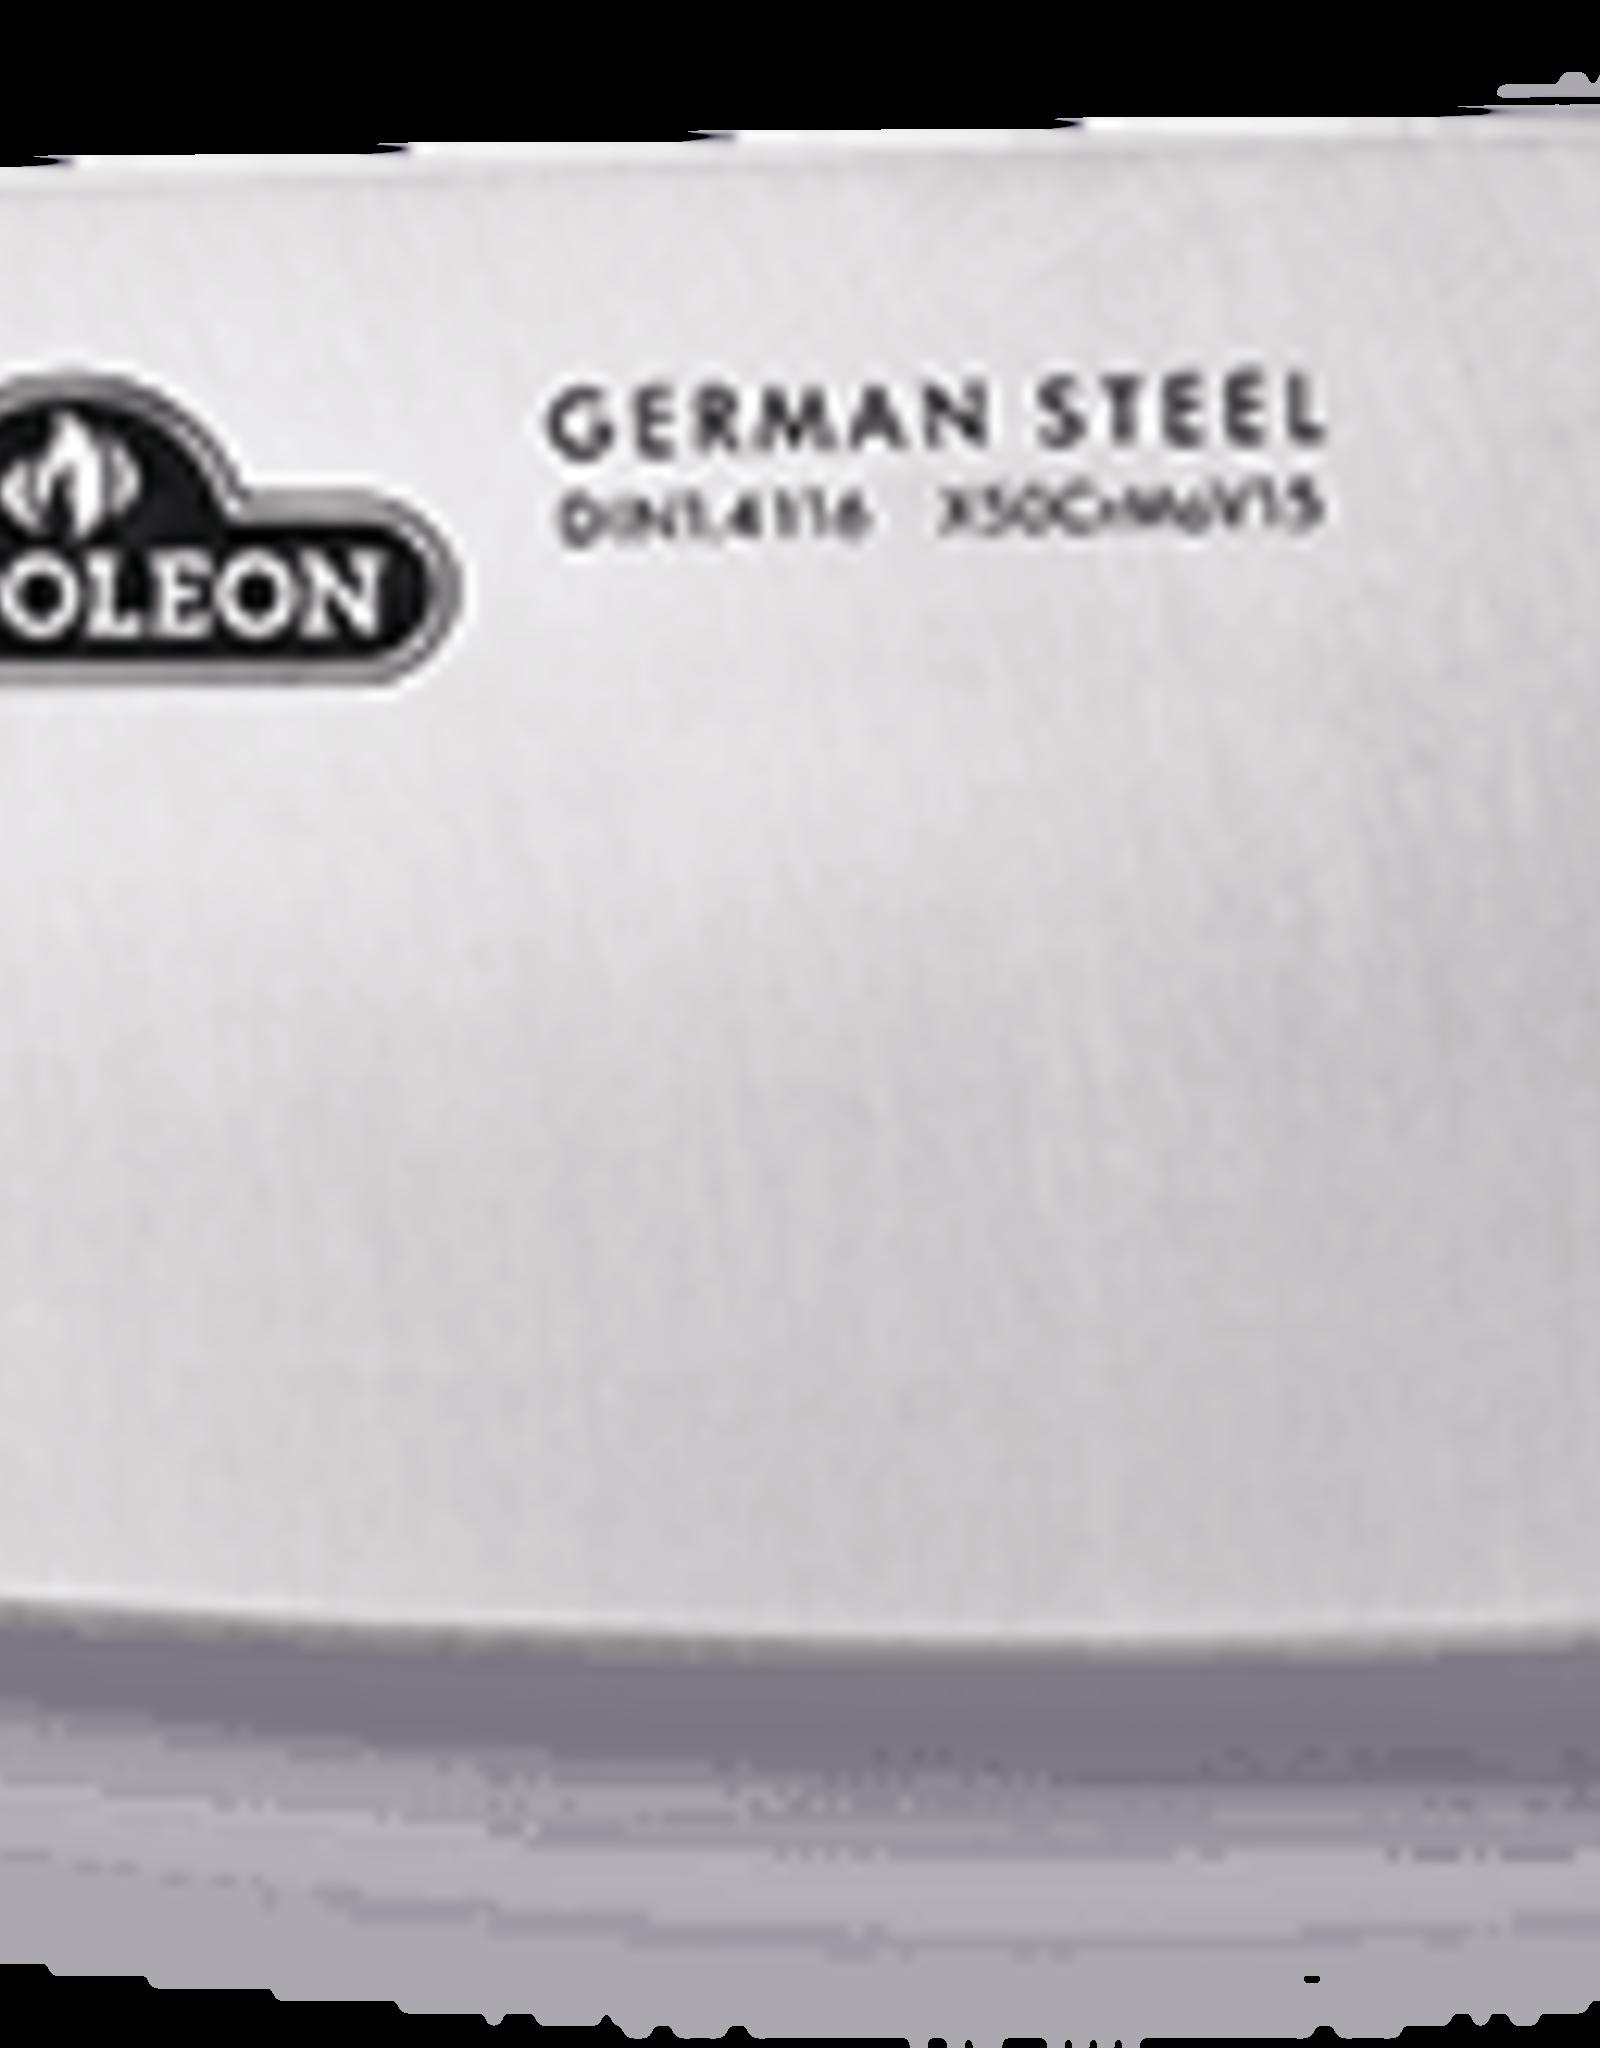 Napoleon Napoleon Chef's Knife with Razor-sharp German Steel - 55211